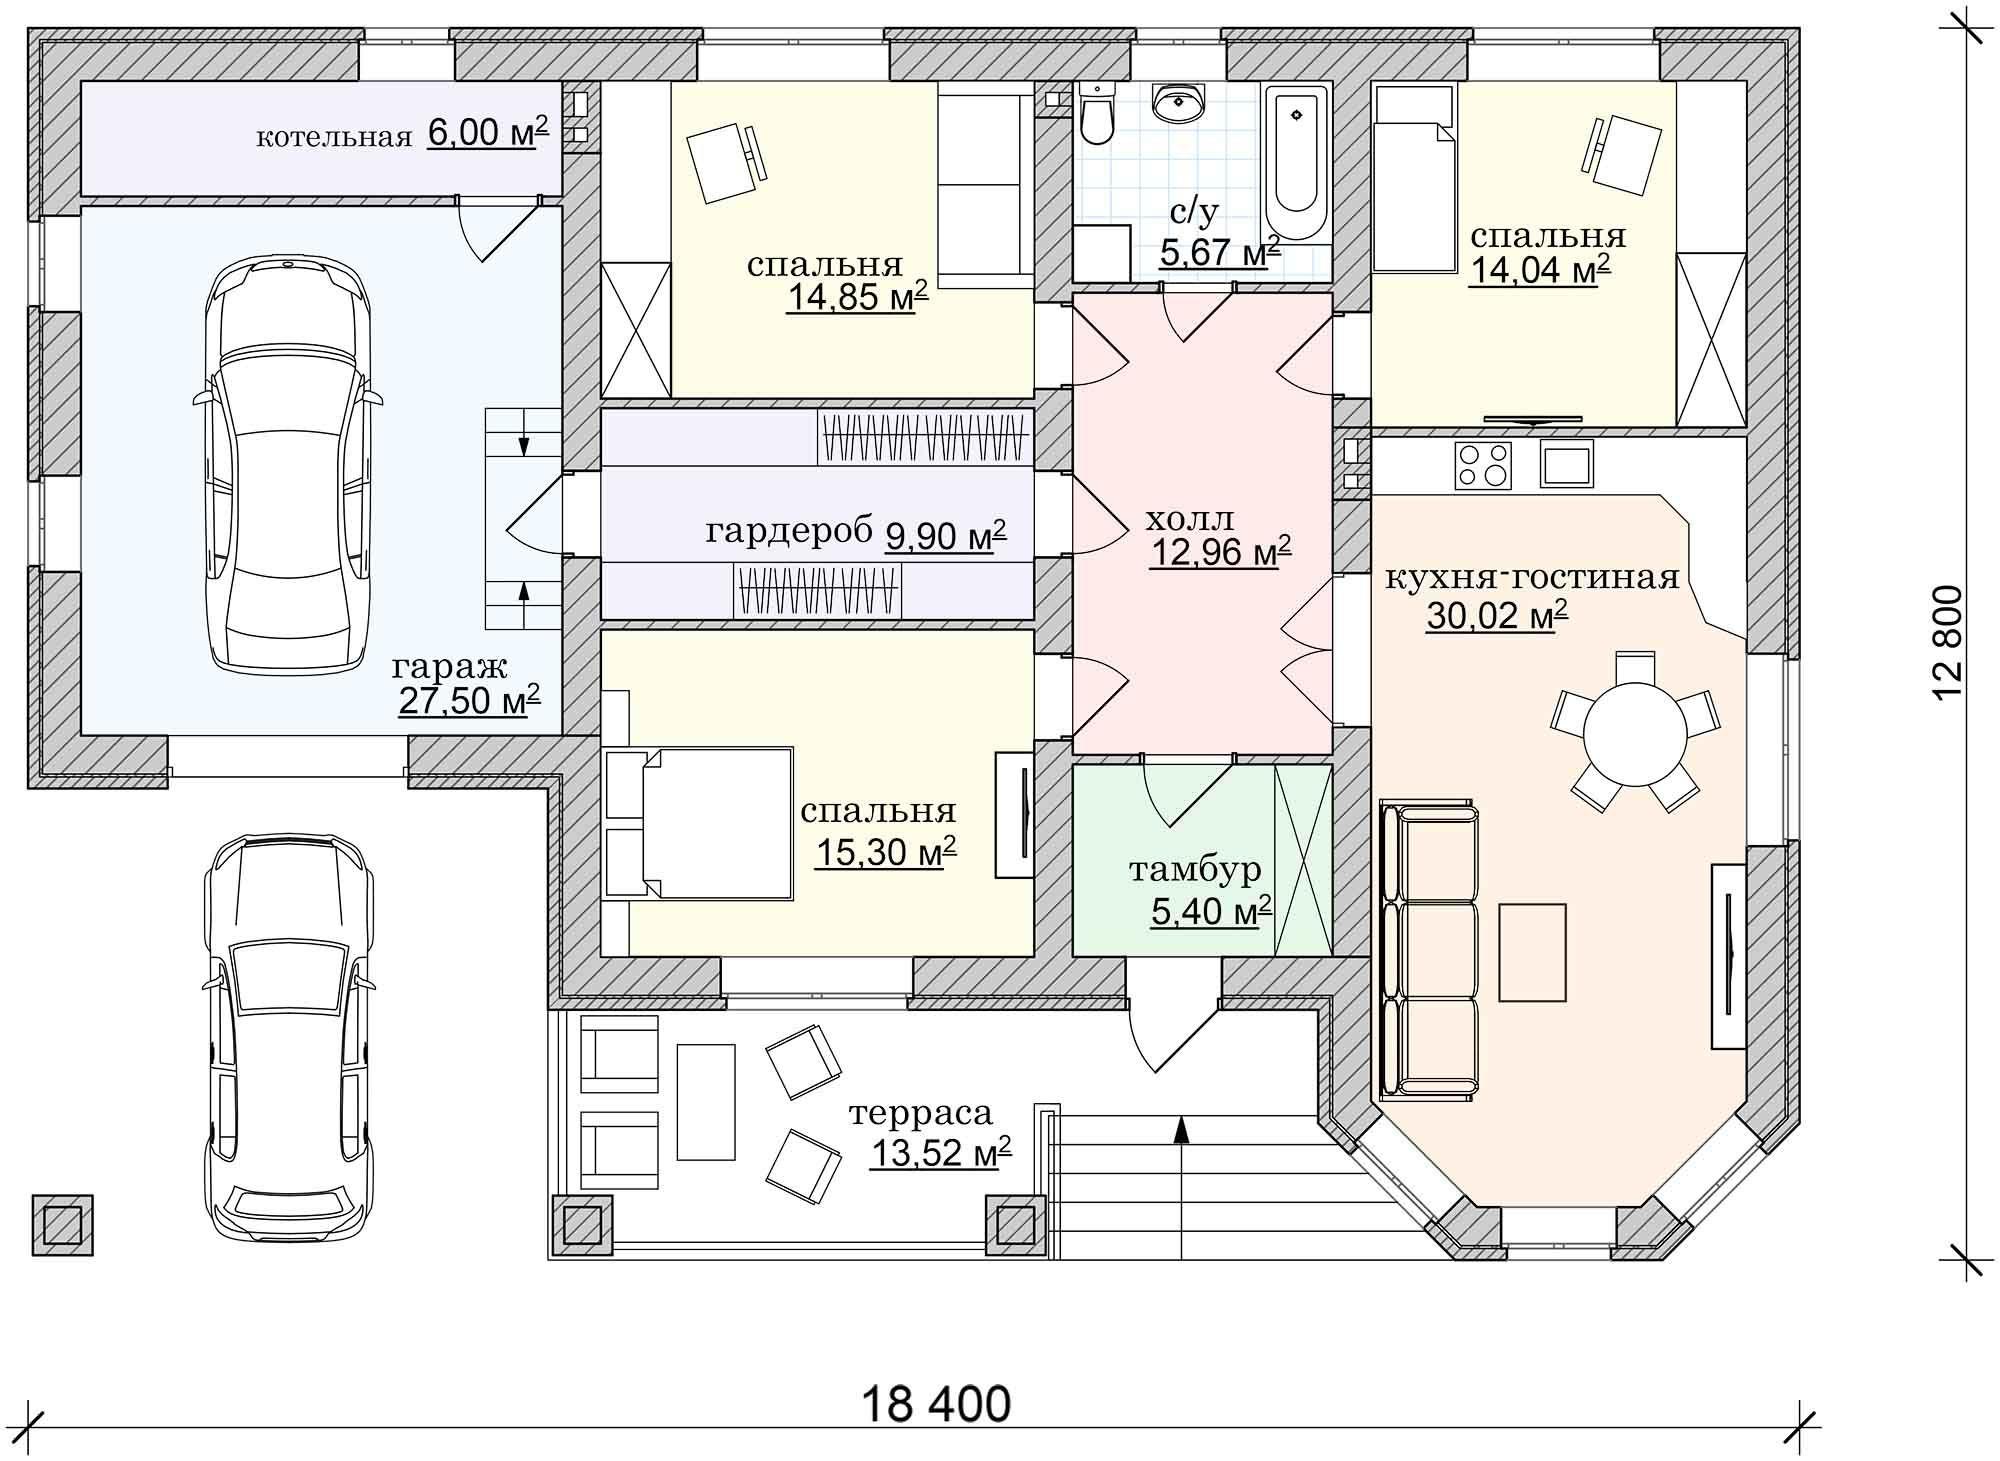 Картинки по запросу план дома